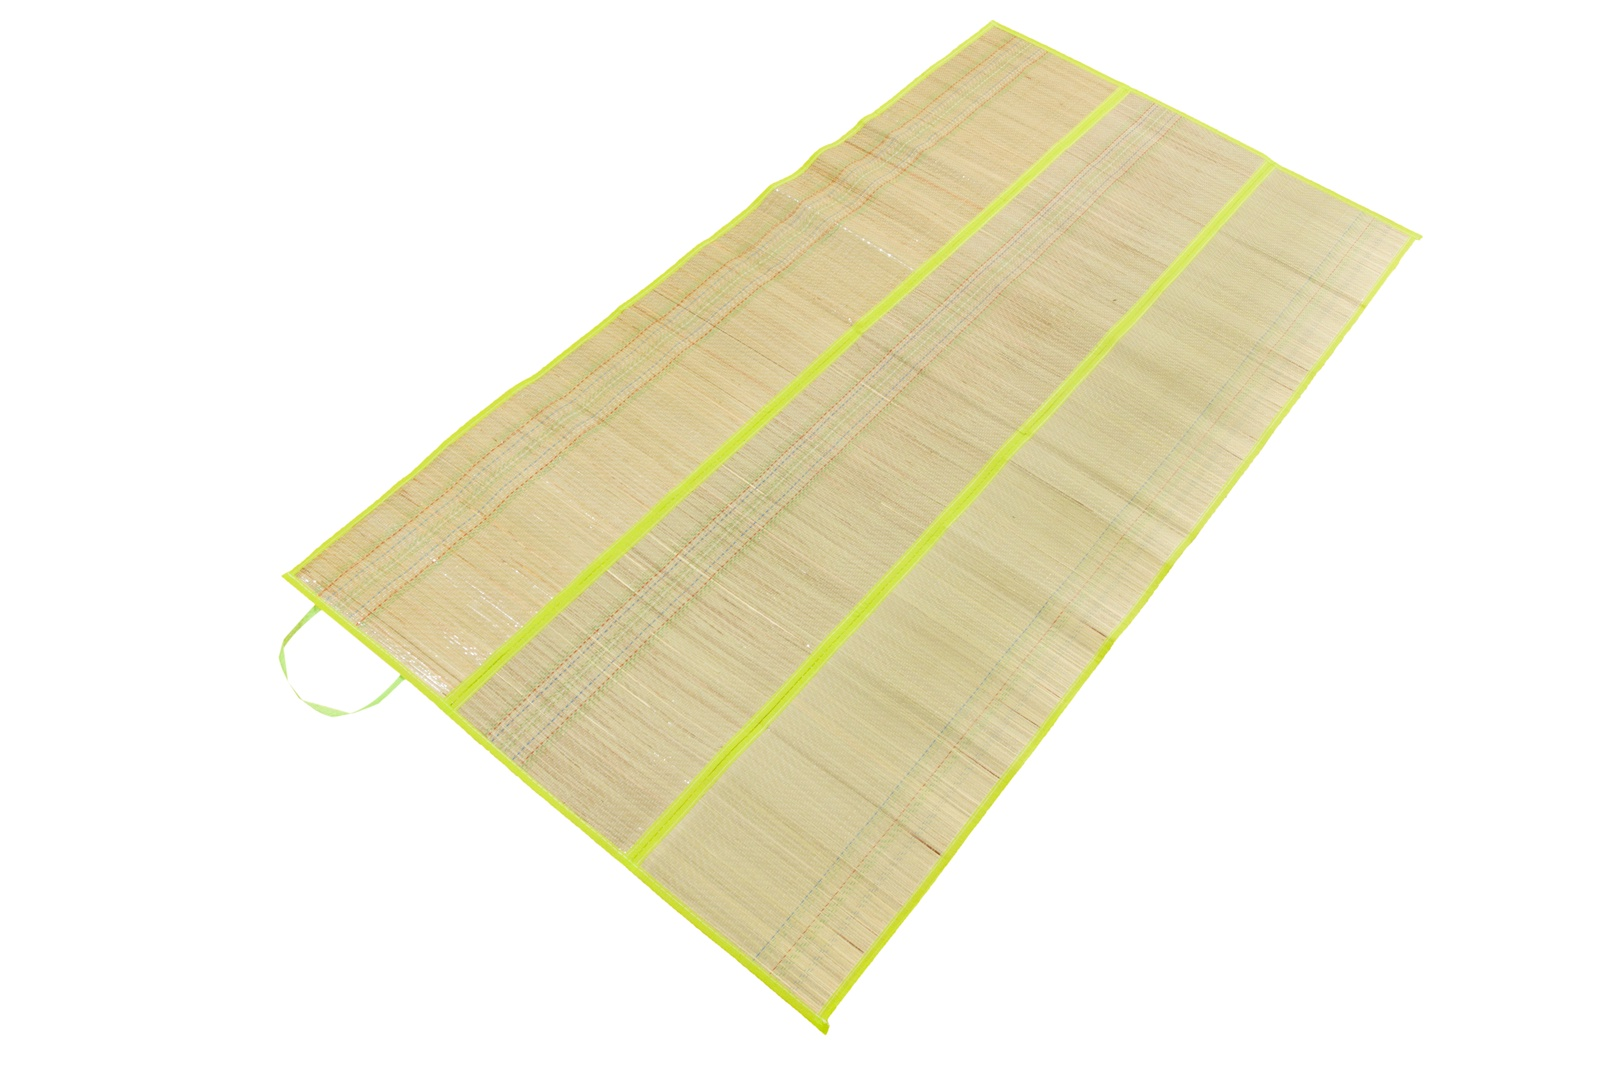 Коврик туристический 12960р,90х170 см. Пляжный коврик - сумочка соломка с фольгой, бежевый, серебристый цена